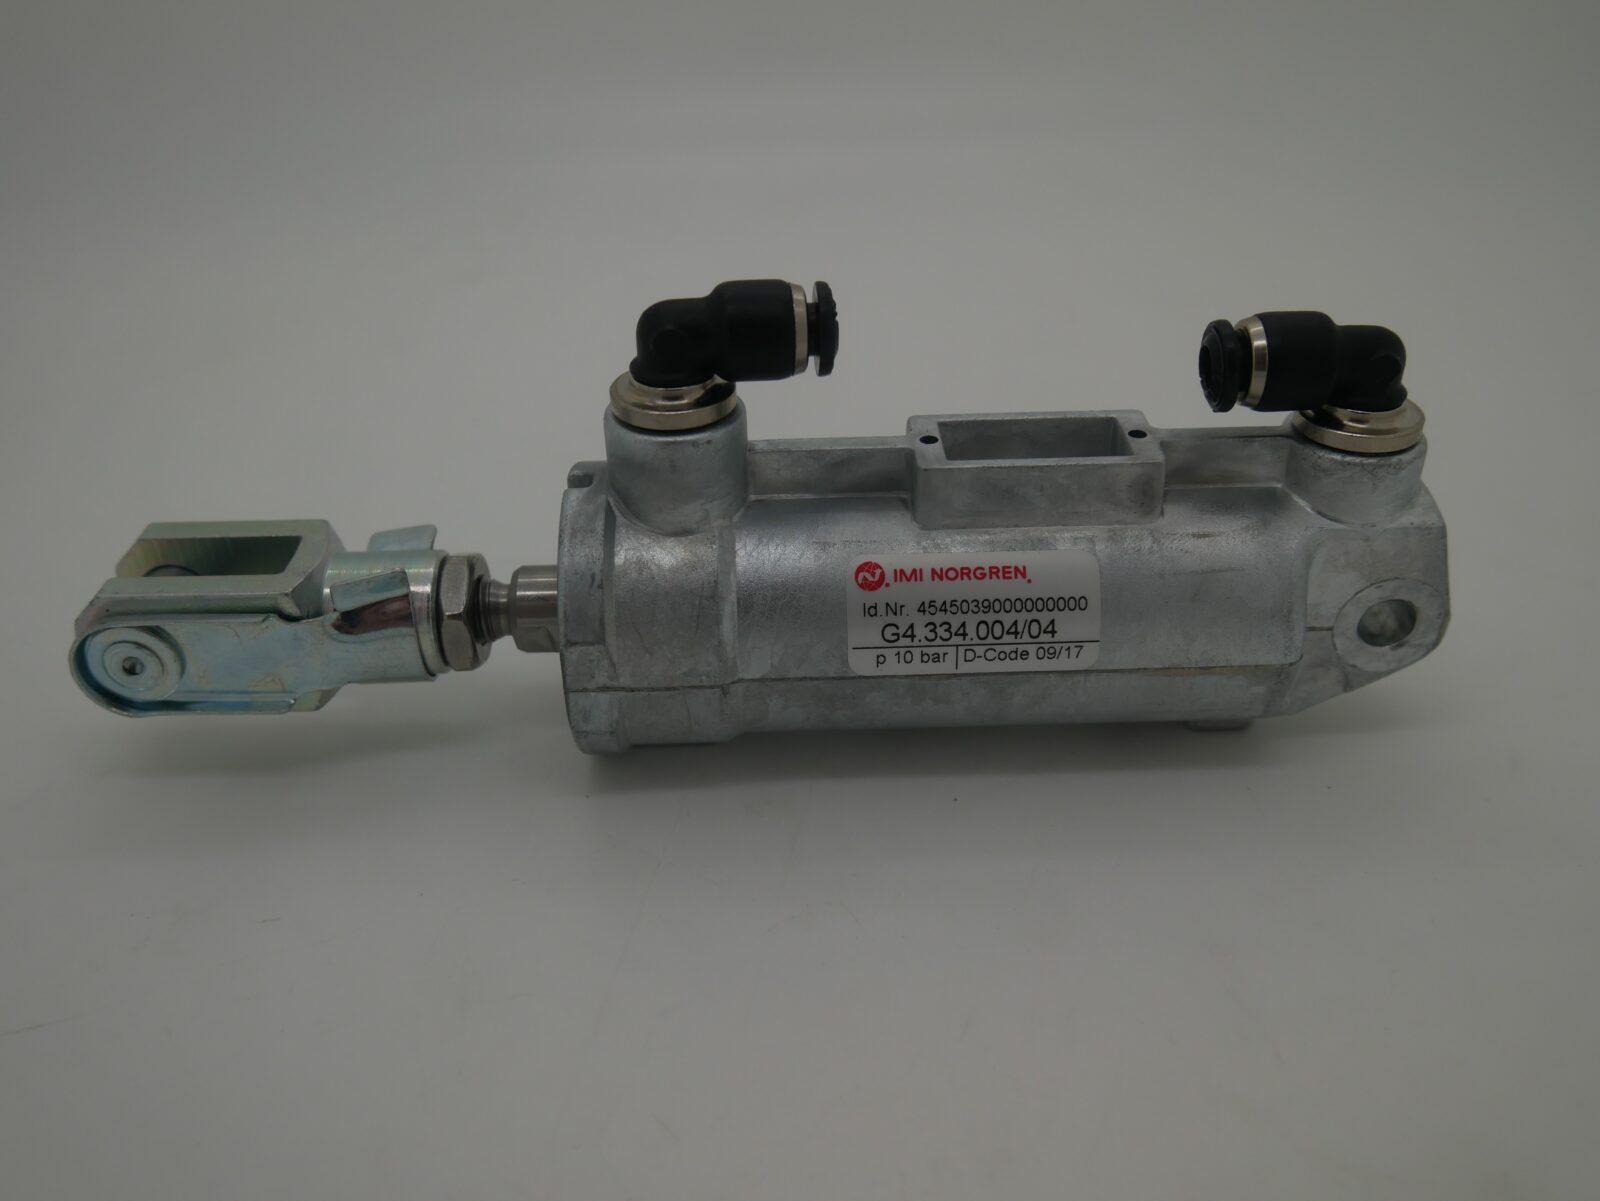 Pneumatic Cylinder D25 H50 HDM: G4.334.004/04